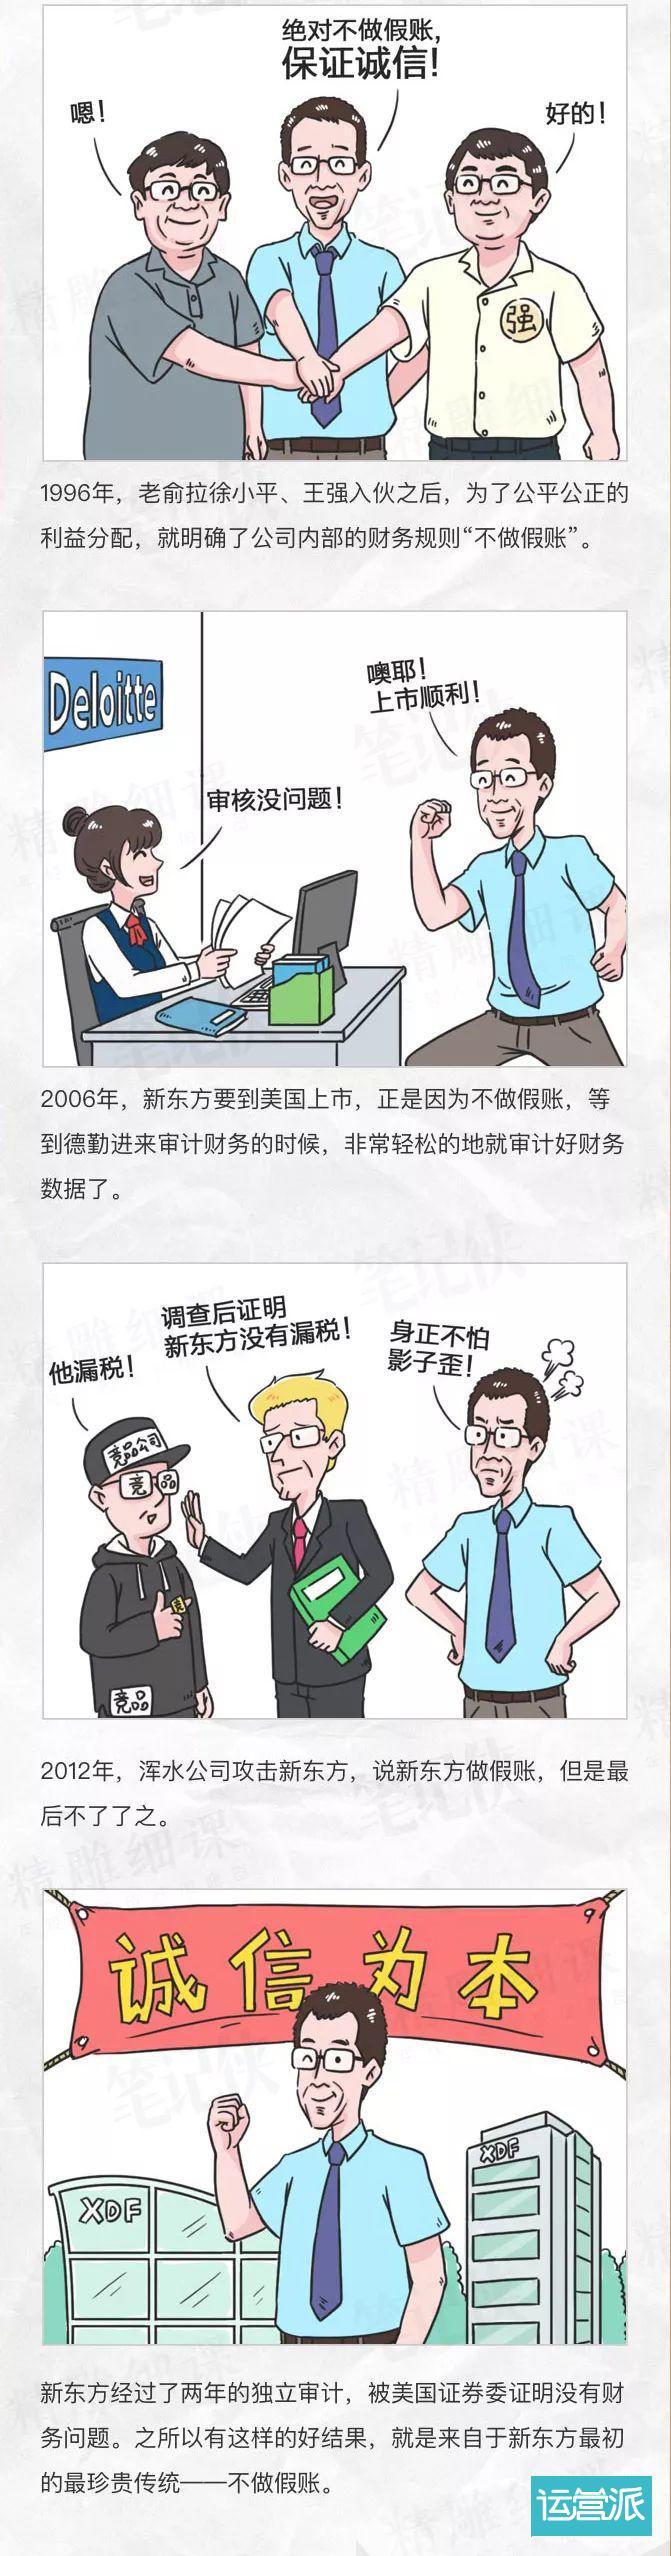 一幅漫画,看懂新东方25年成长之路